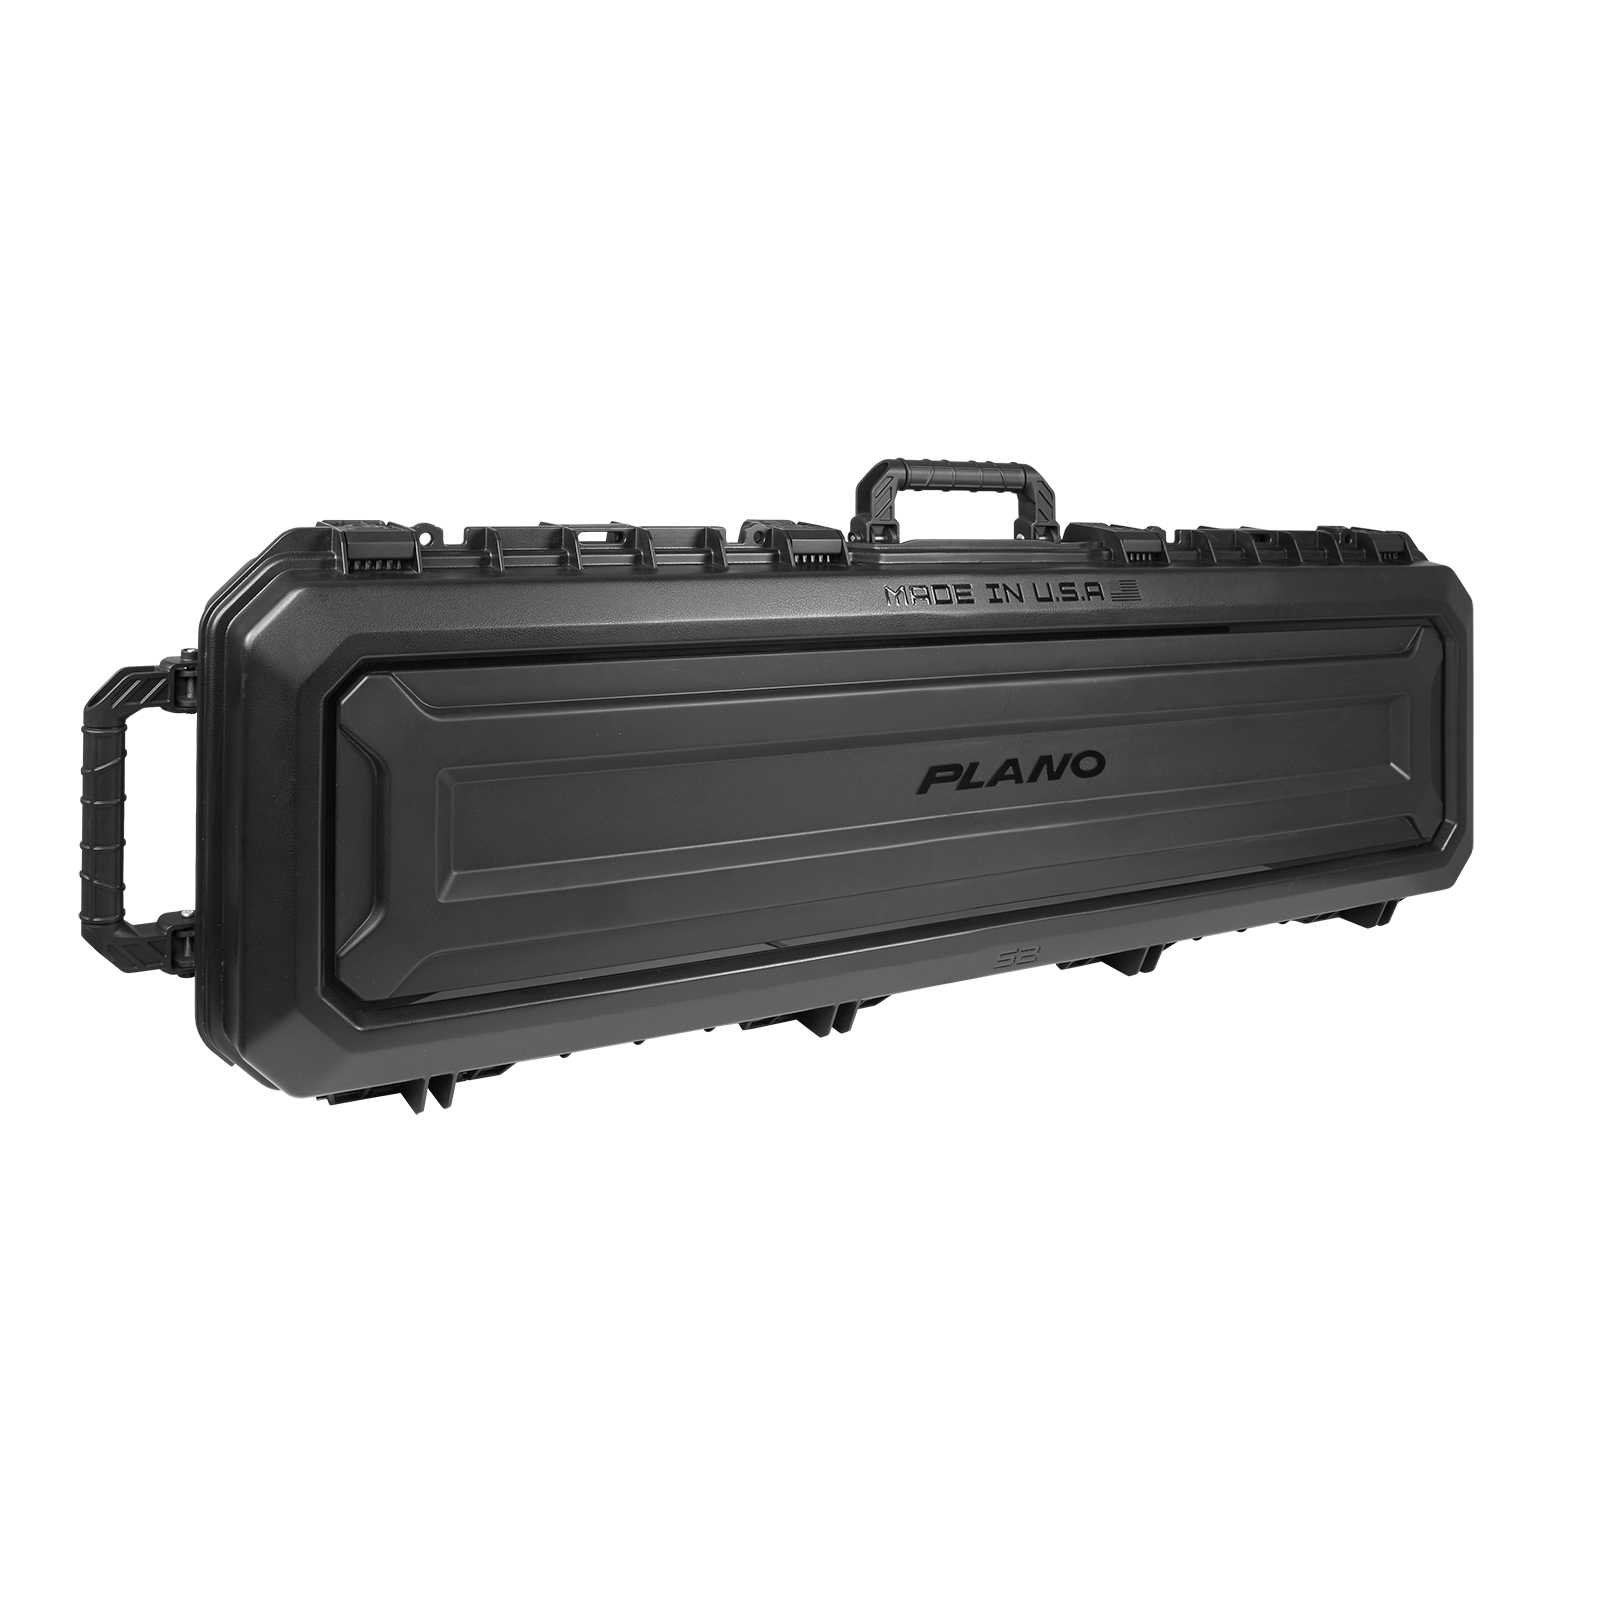 Plano AW2 Rifle/Shotgun Case, 52″